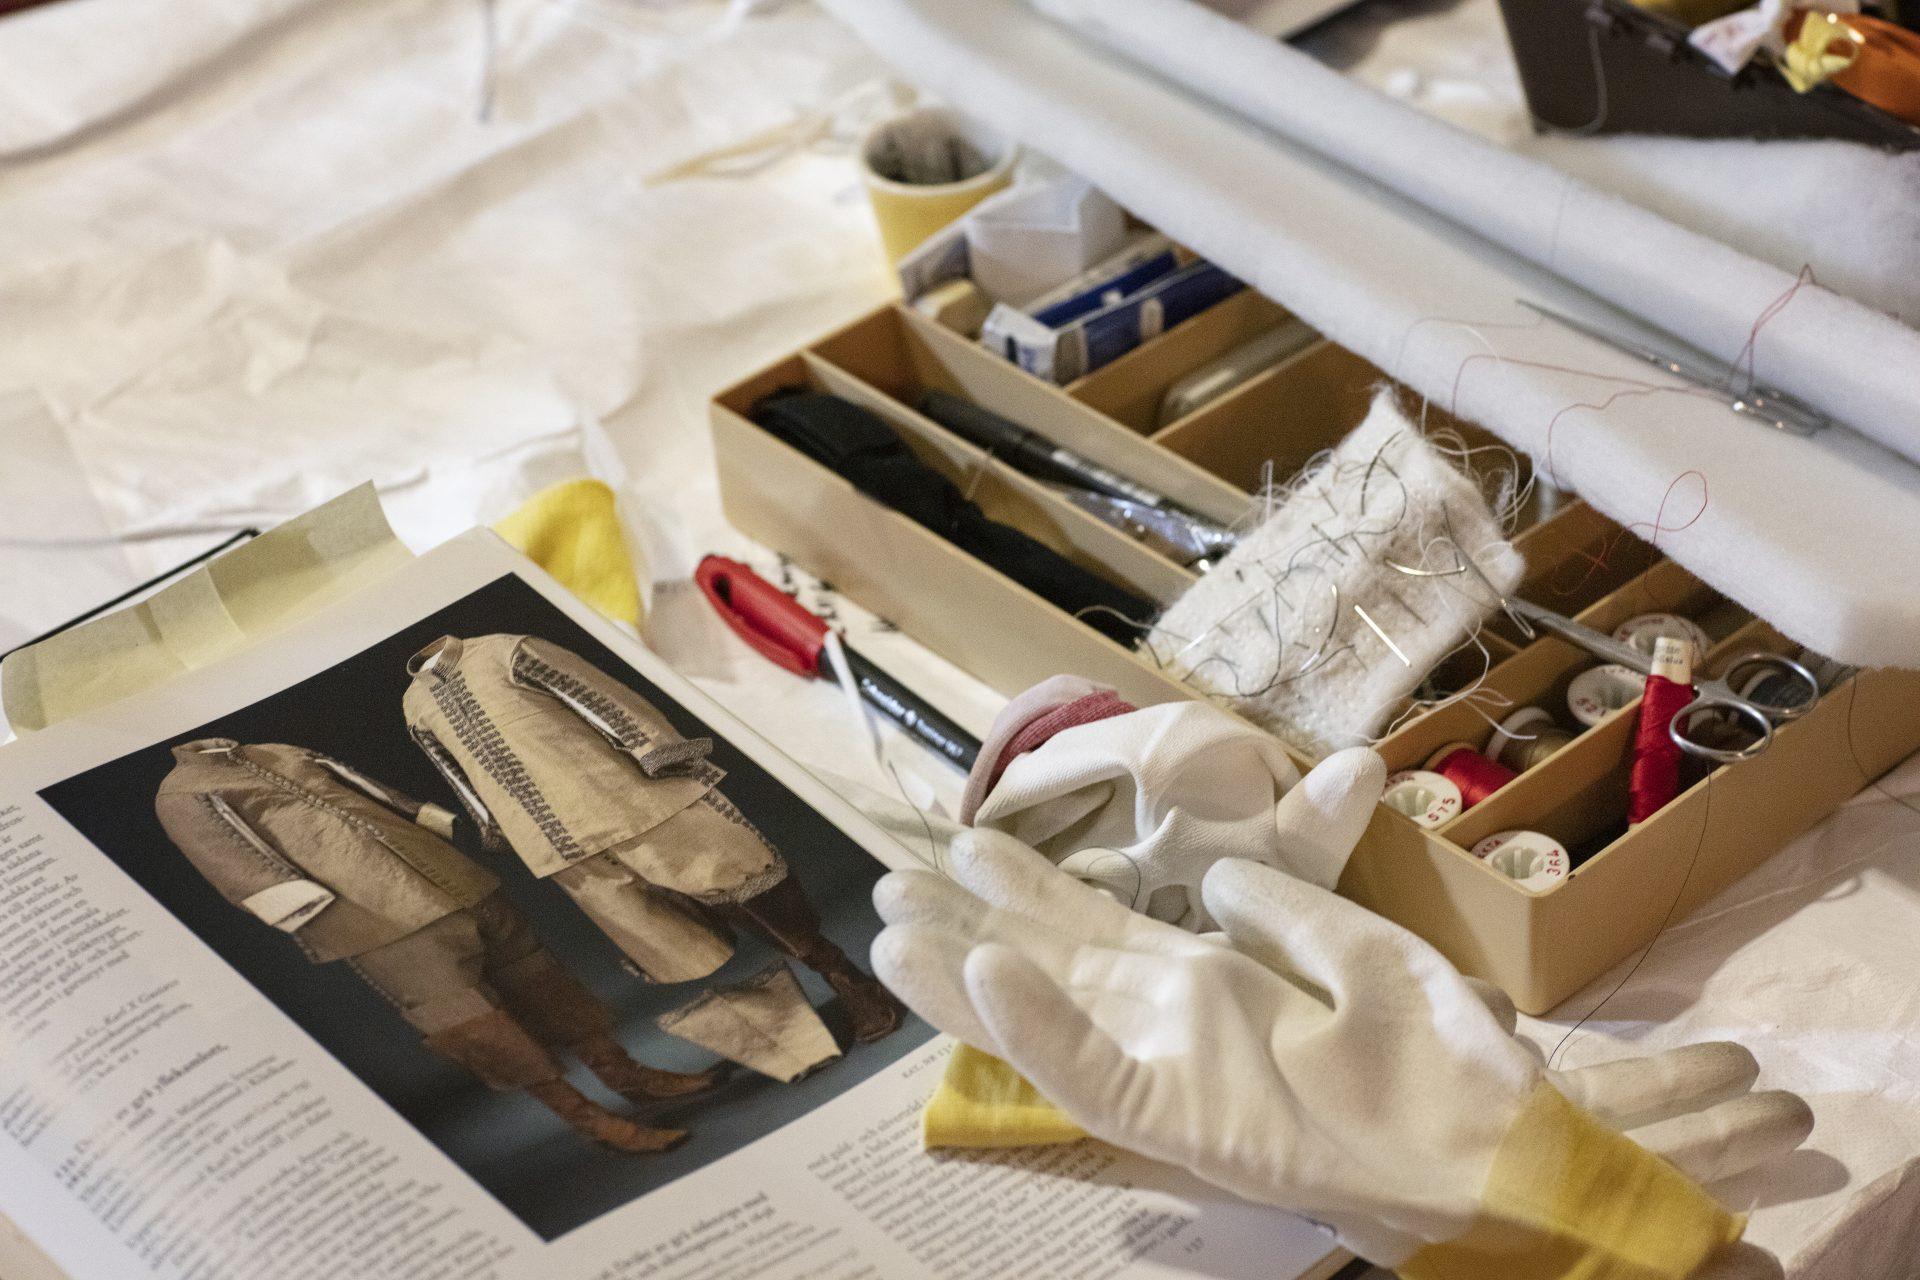 Konservatorns skrivbord, en sylåda och vita handskar bland annat.